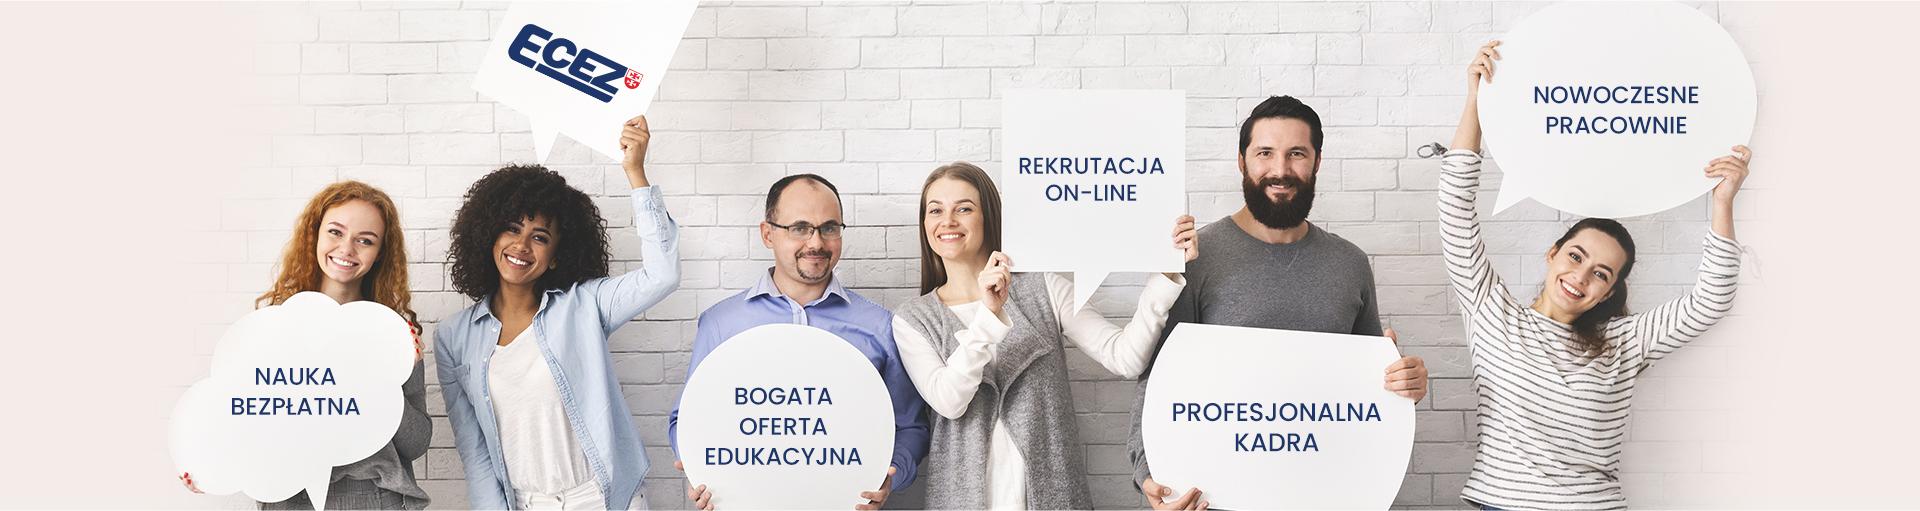 zdjęcie przedstawiające uśmiechnięte osoby trzymające plansze z hasłami reklamowymi - bogata oferta edukacyjna, nowoczesne pracownie